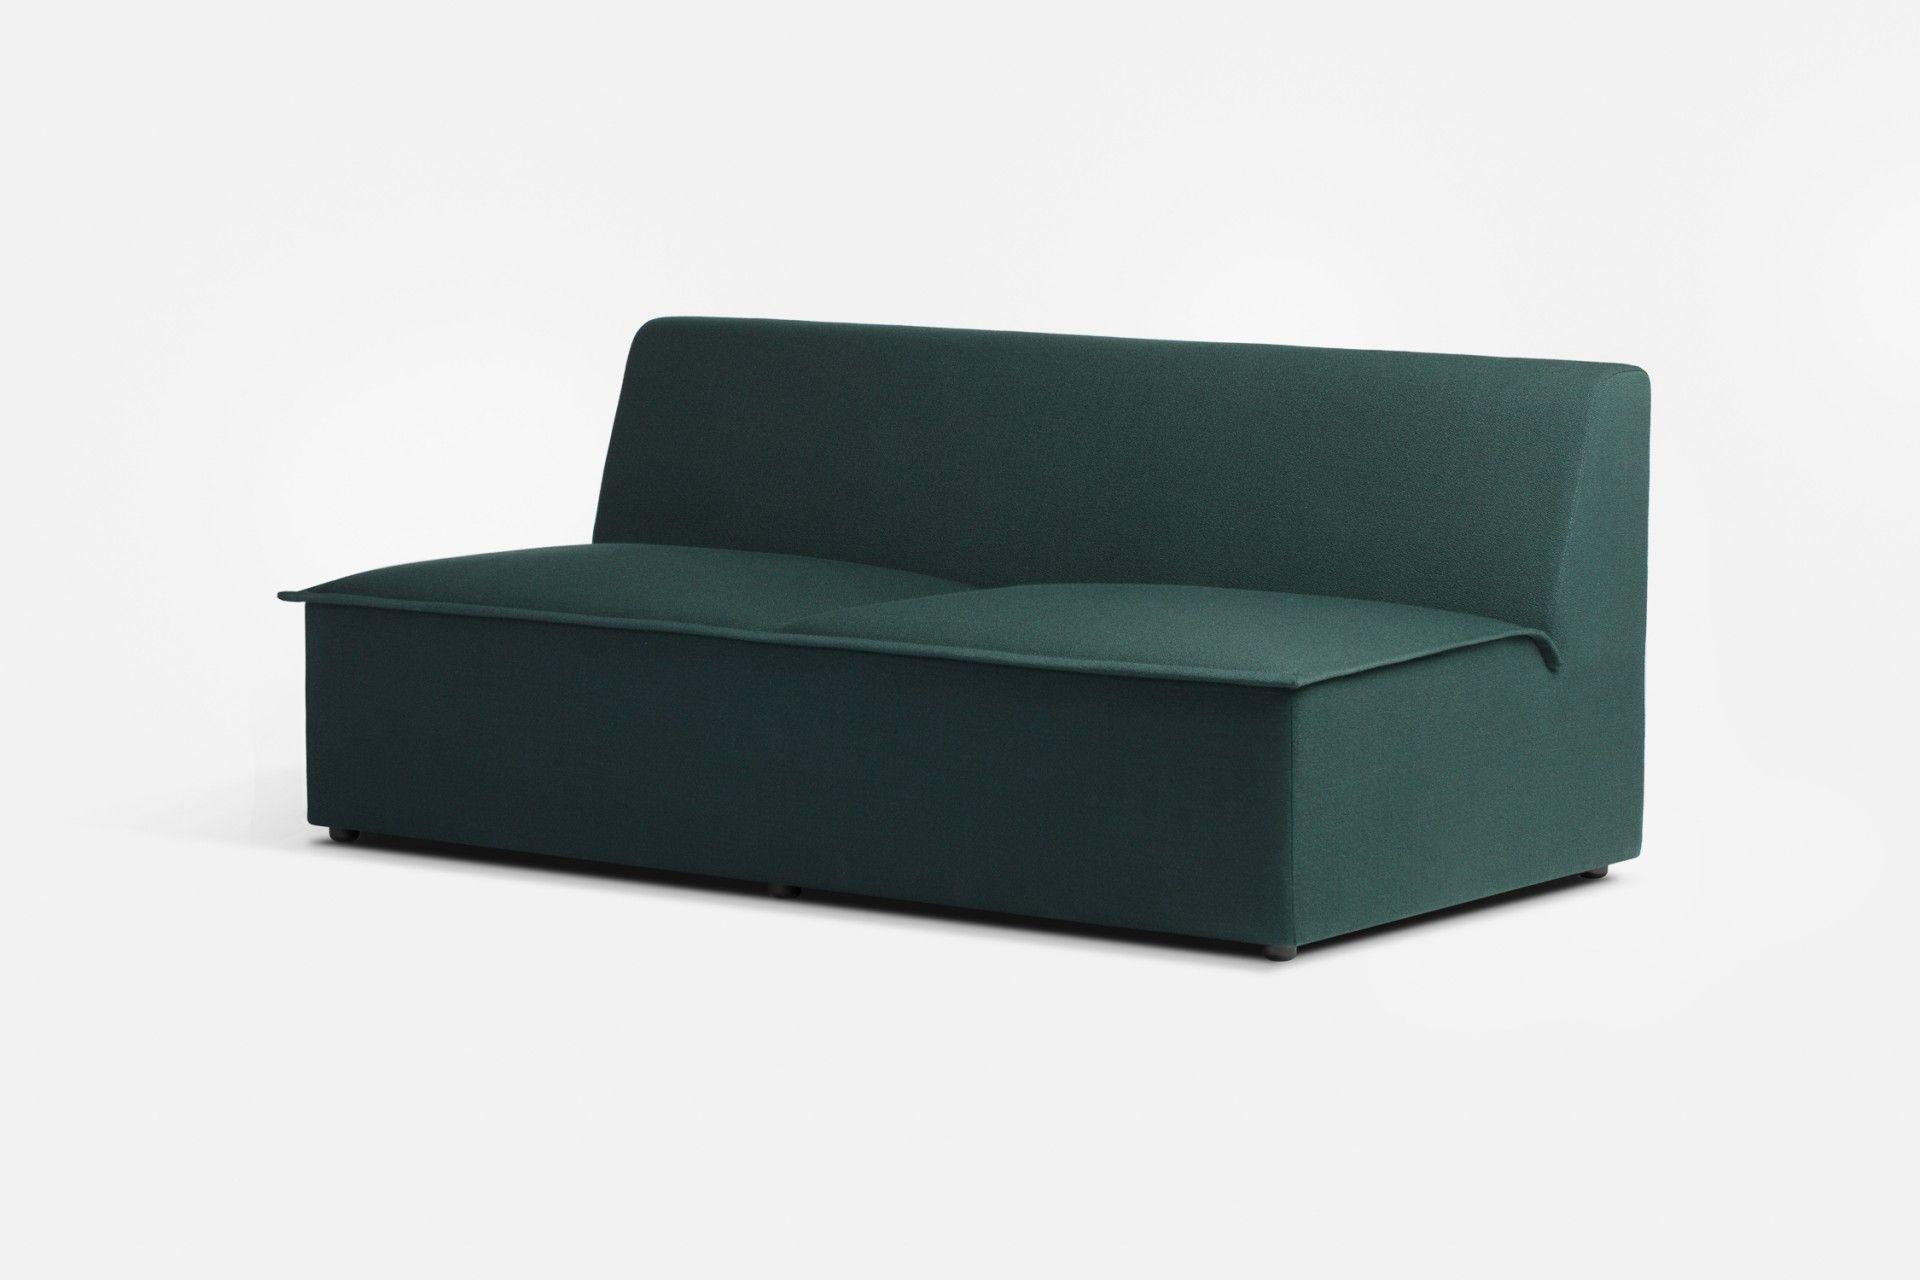 hood furniture design inspiration sofa office m bel. Black Bedroom Furniture Sets. Home Design Ideas